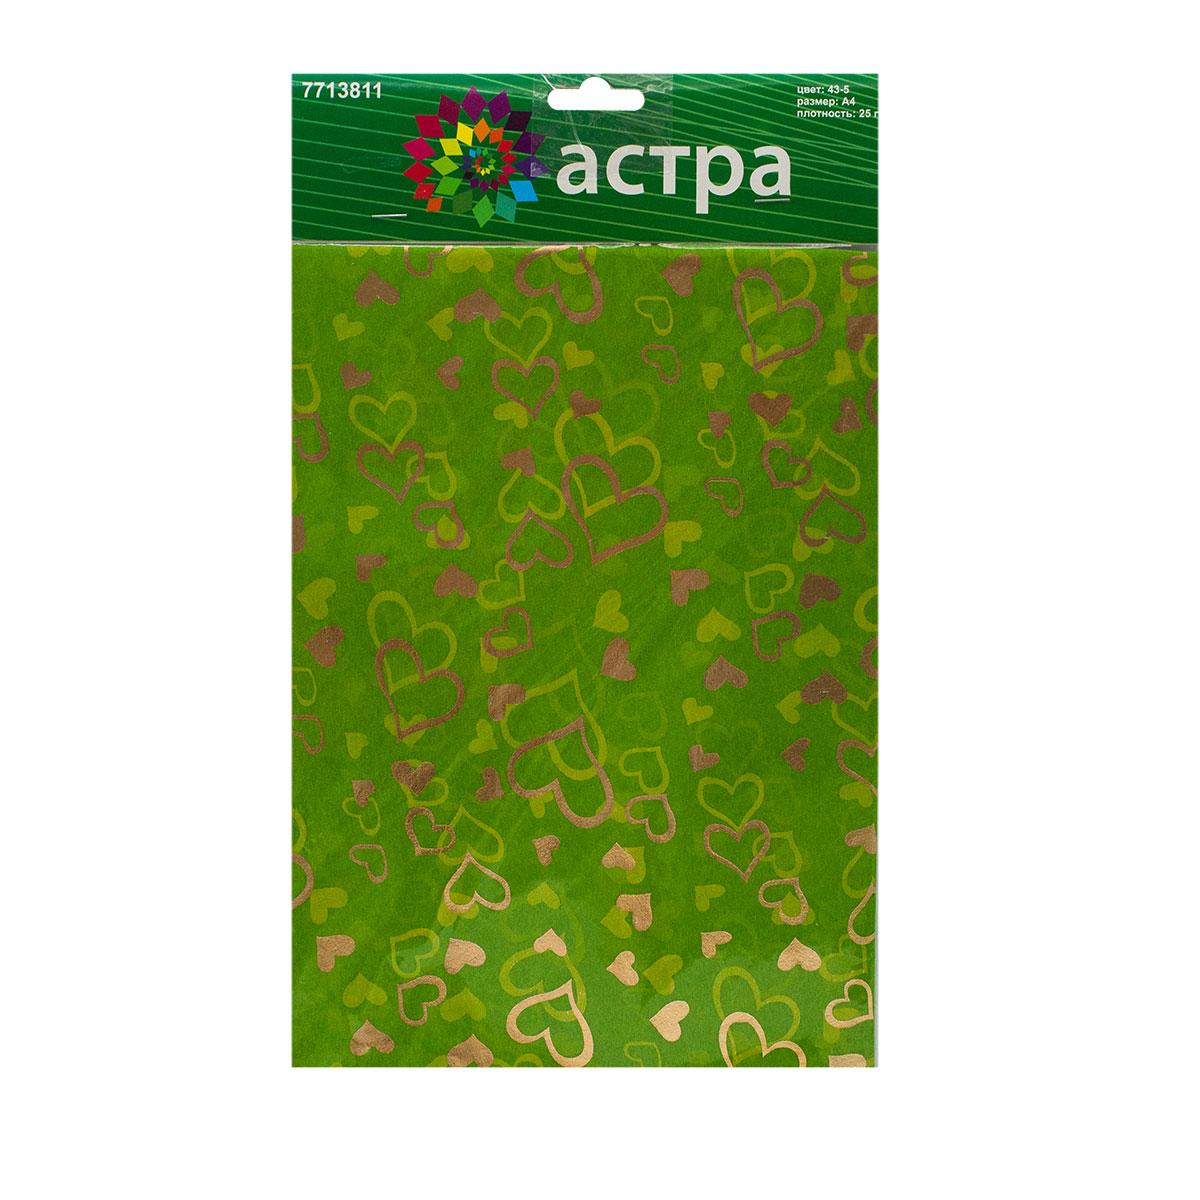 Декоративный нетканный материал для упаковки, рукоделия, флористики A4, 25 гр., 10шт. GN52-30